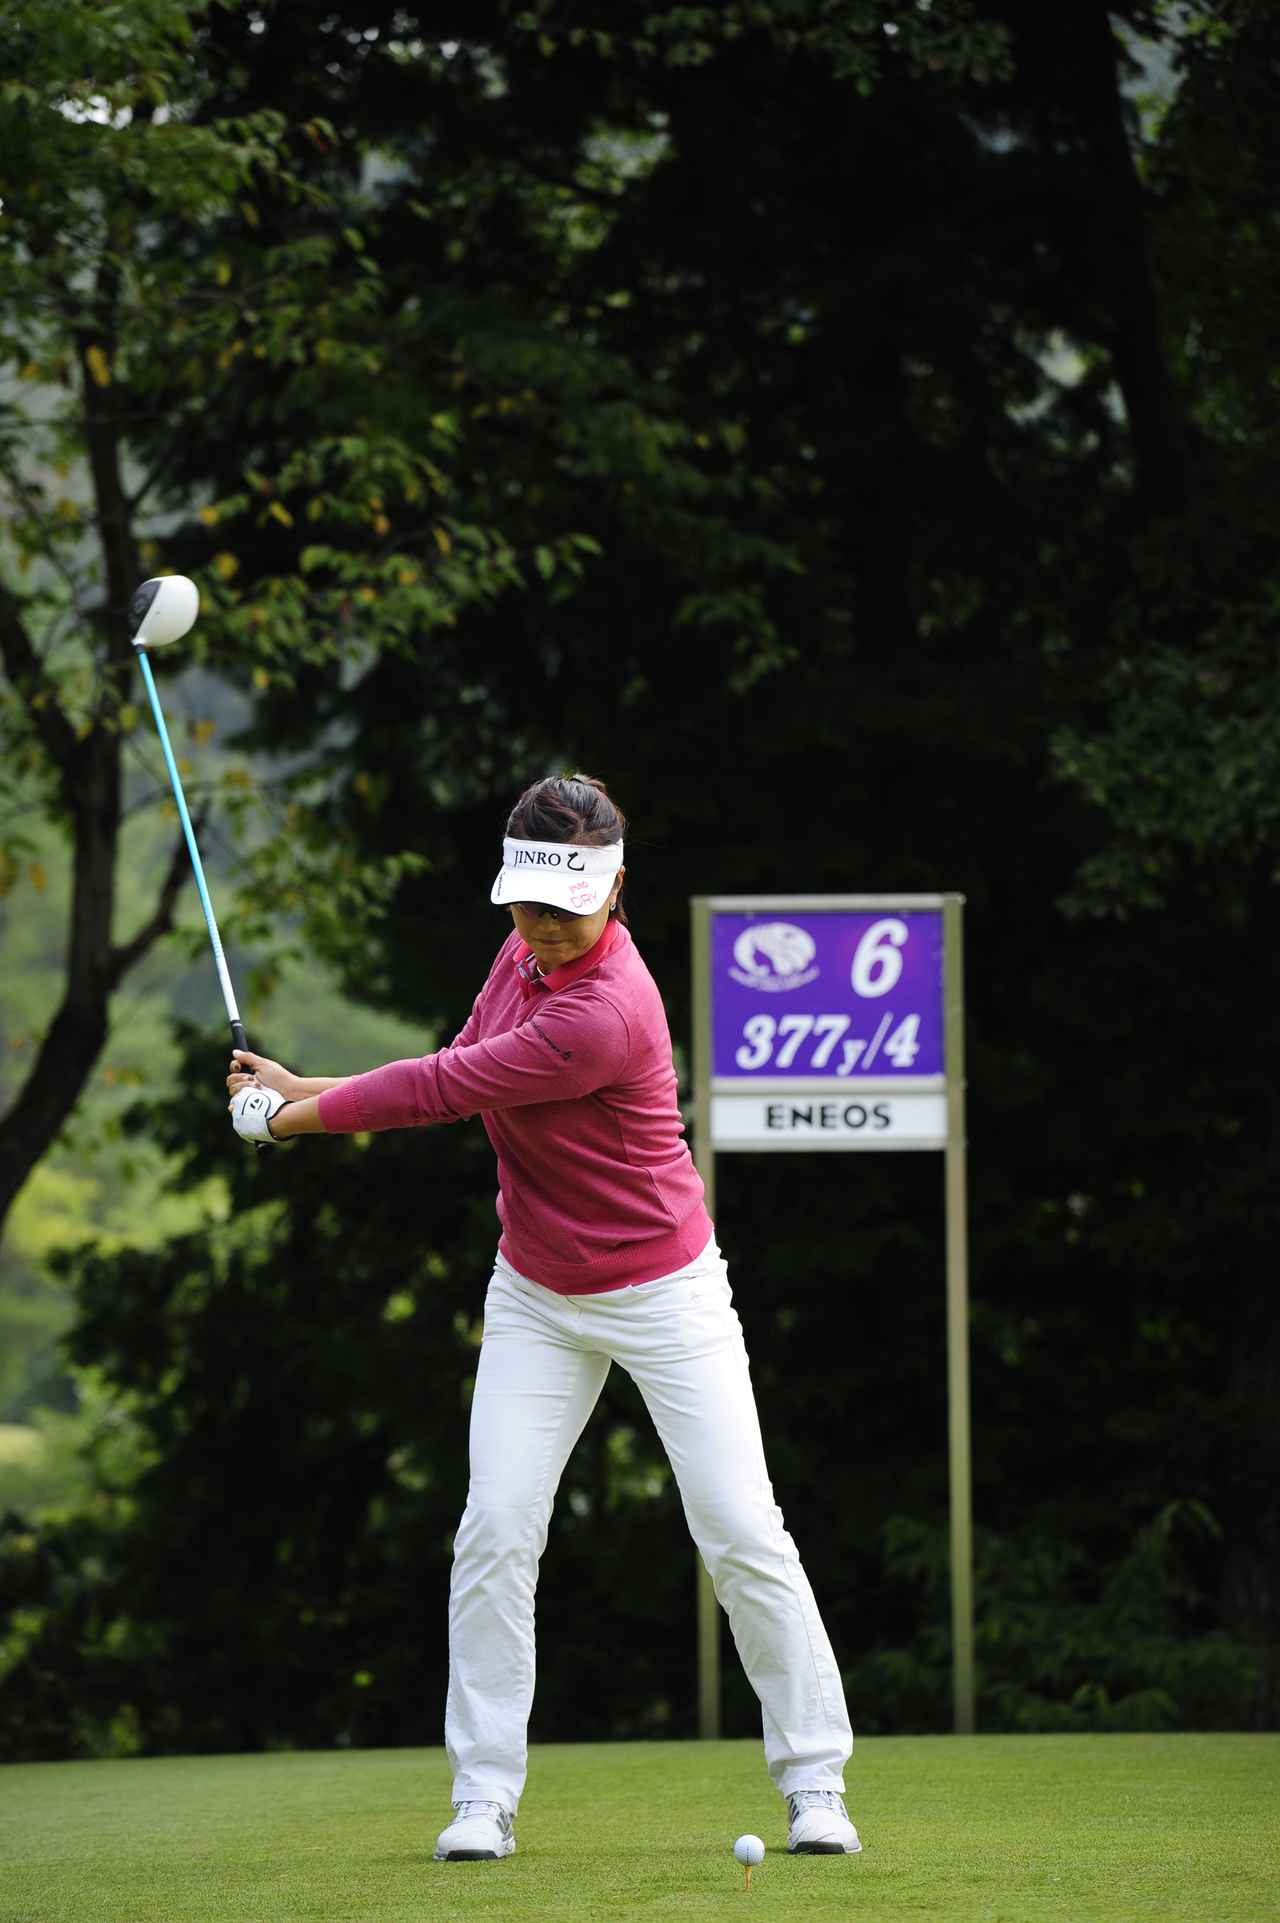 画像: 左腕とクラブが90度になる位置がコックのタイミングの一つの目安